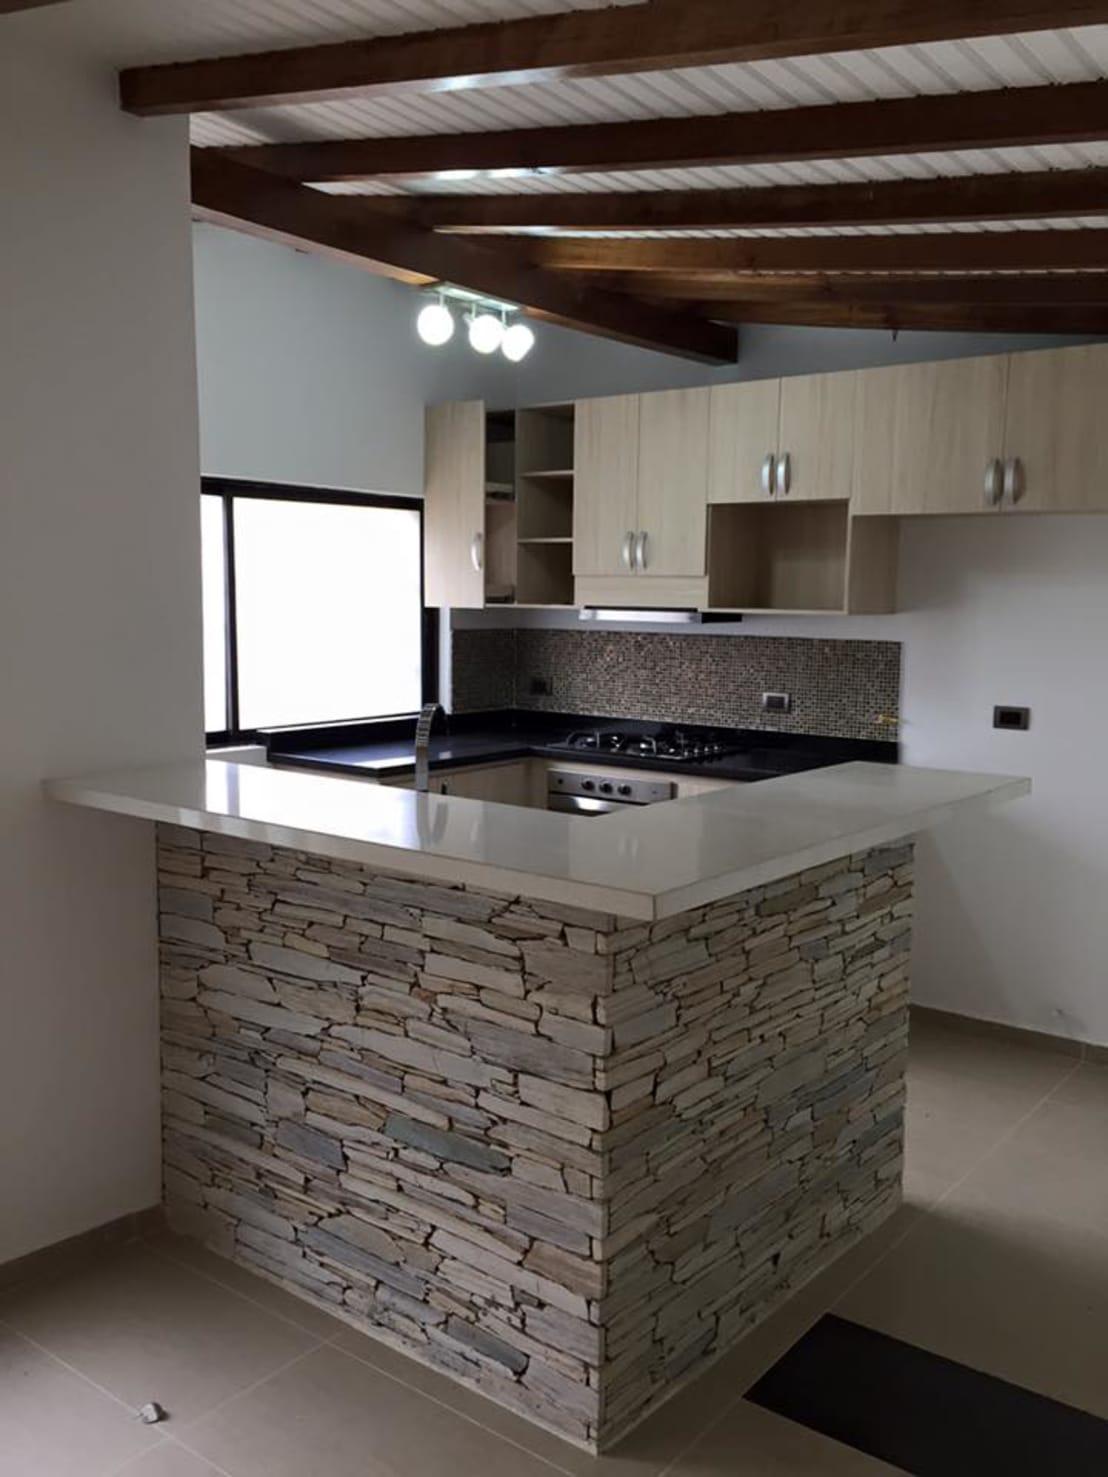 disenos de barras de cocinas modernas (6) | Decoracion de interiores ...